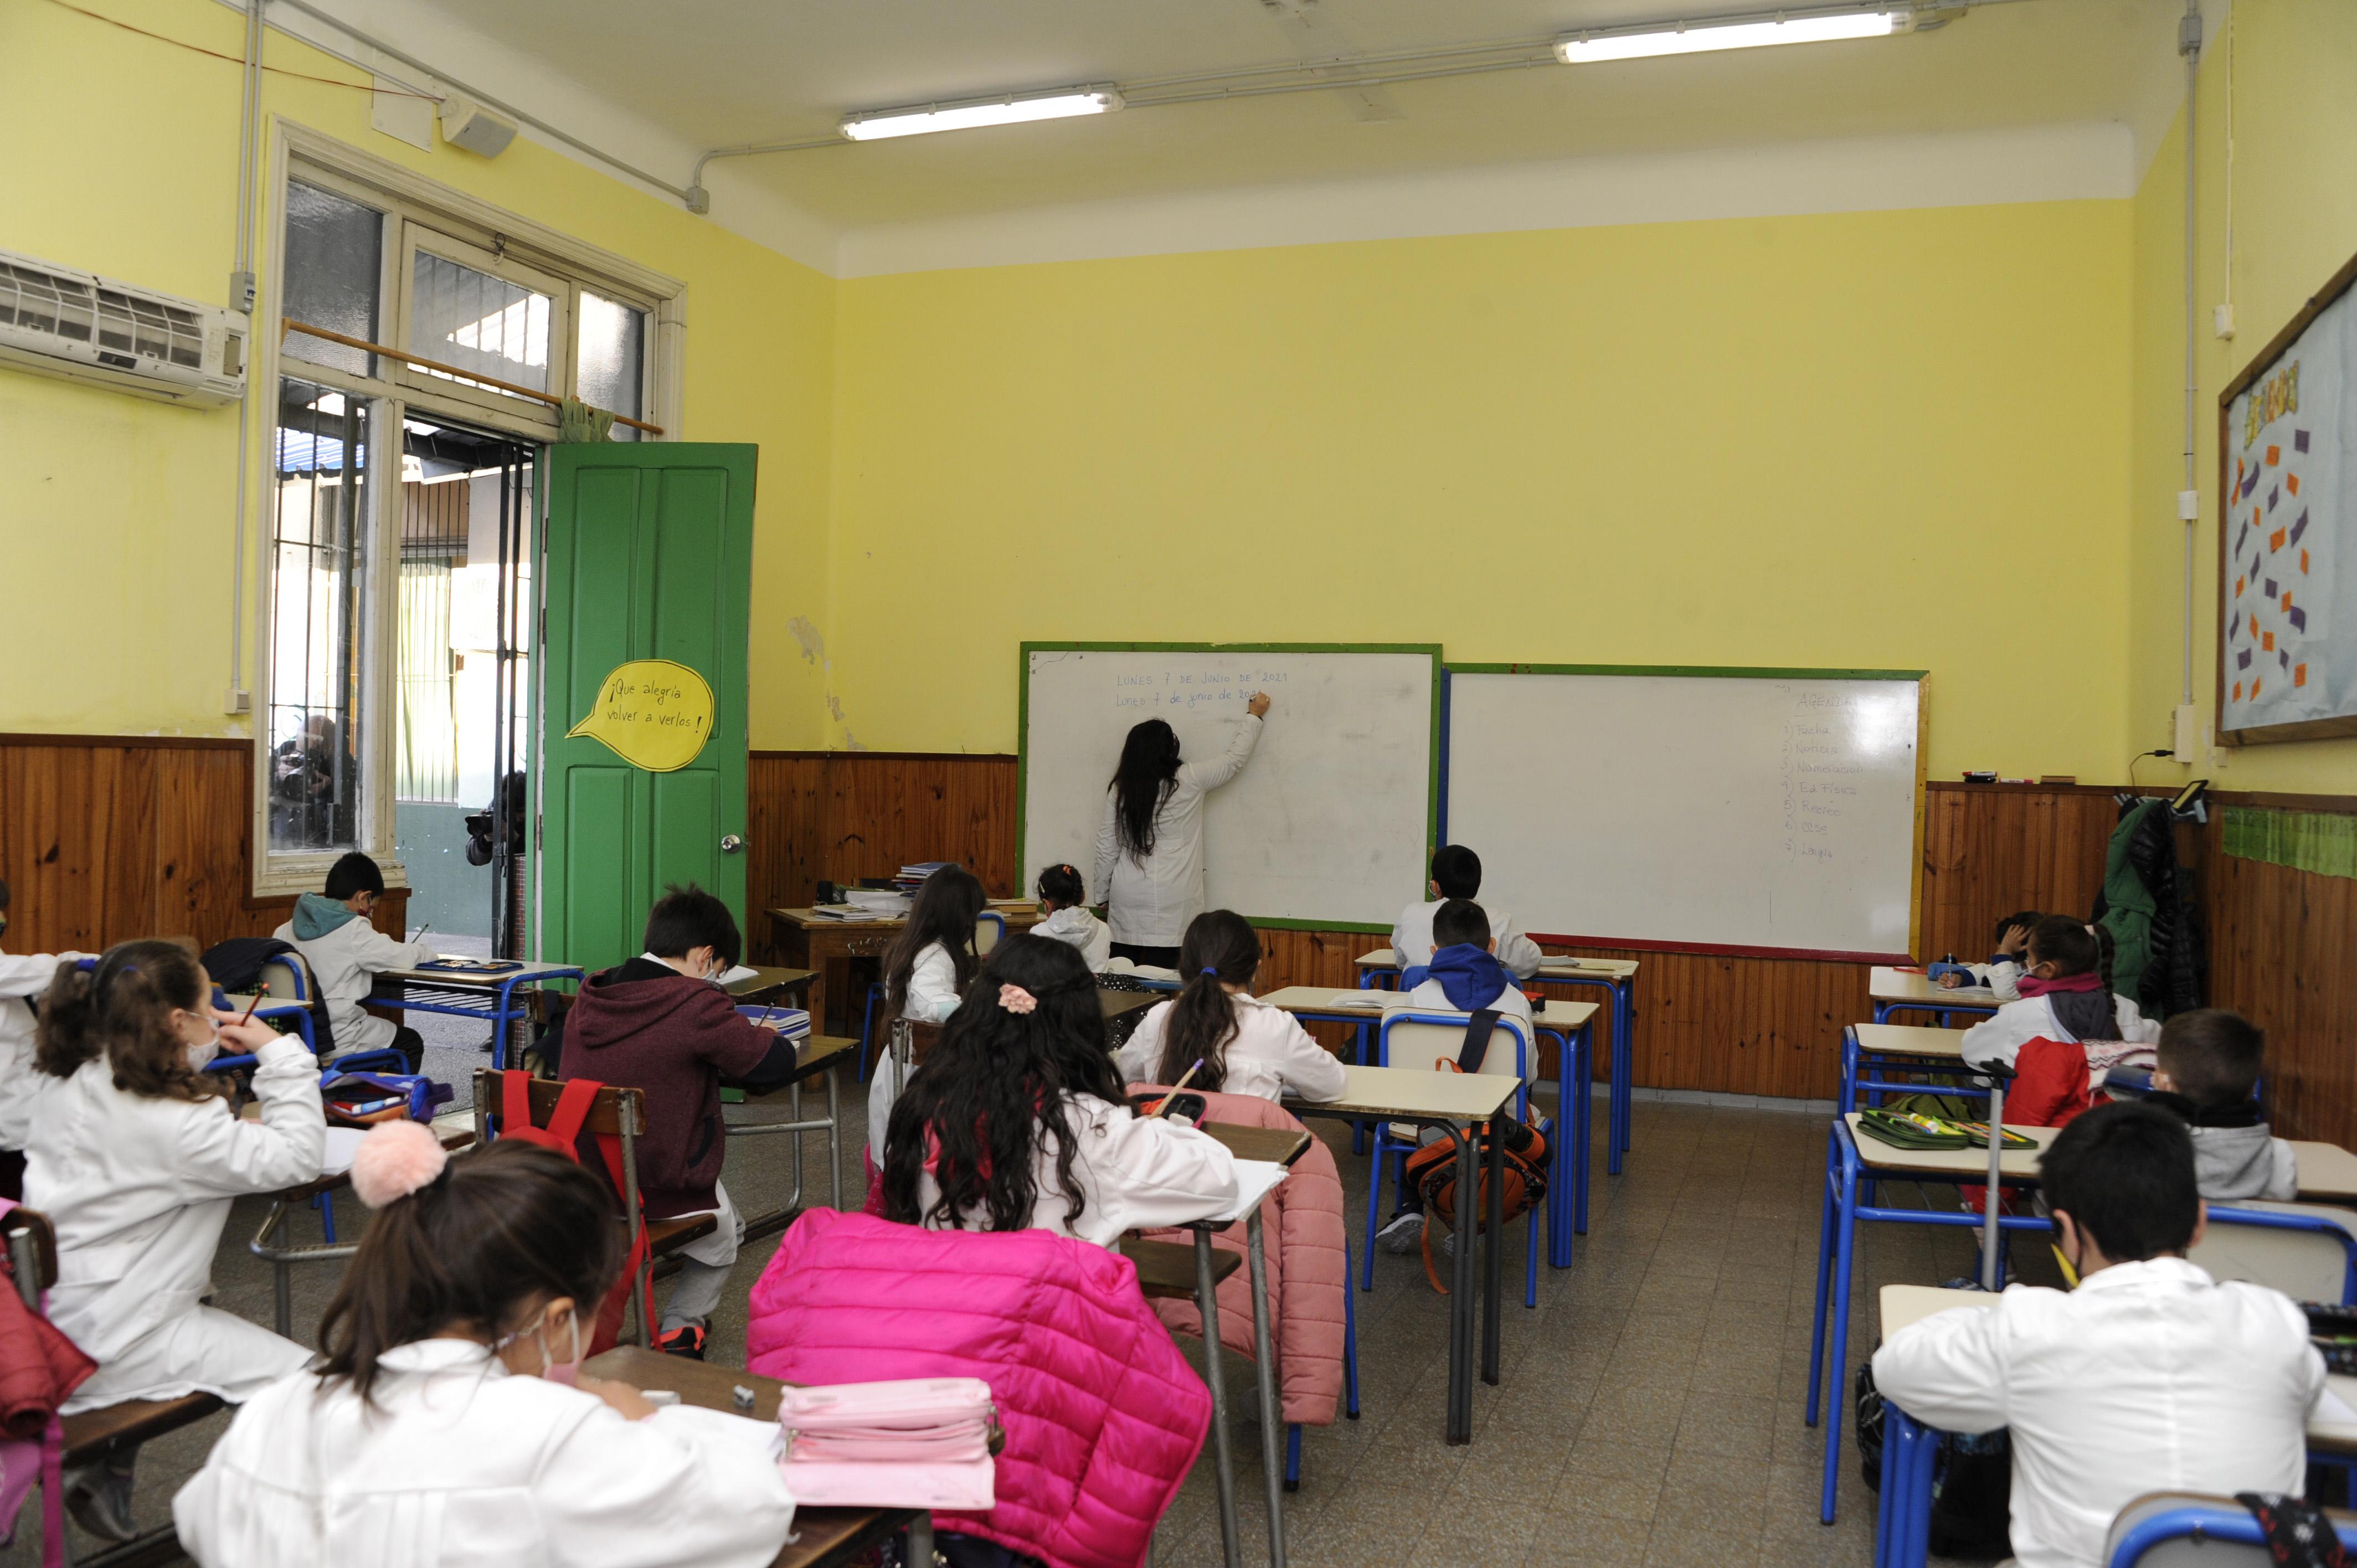 Retorno a la presencialidad de alumnos de 1.º, 2.º y 3.er año en la escuela n.° 13